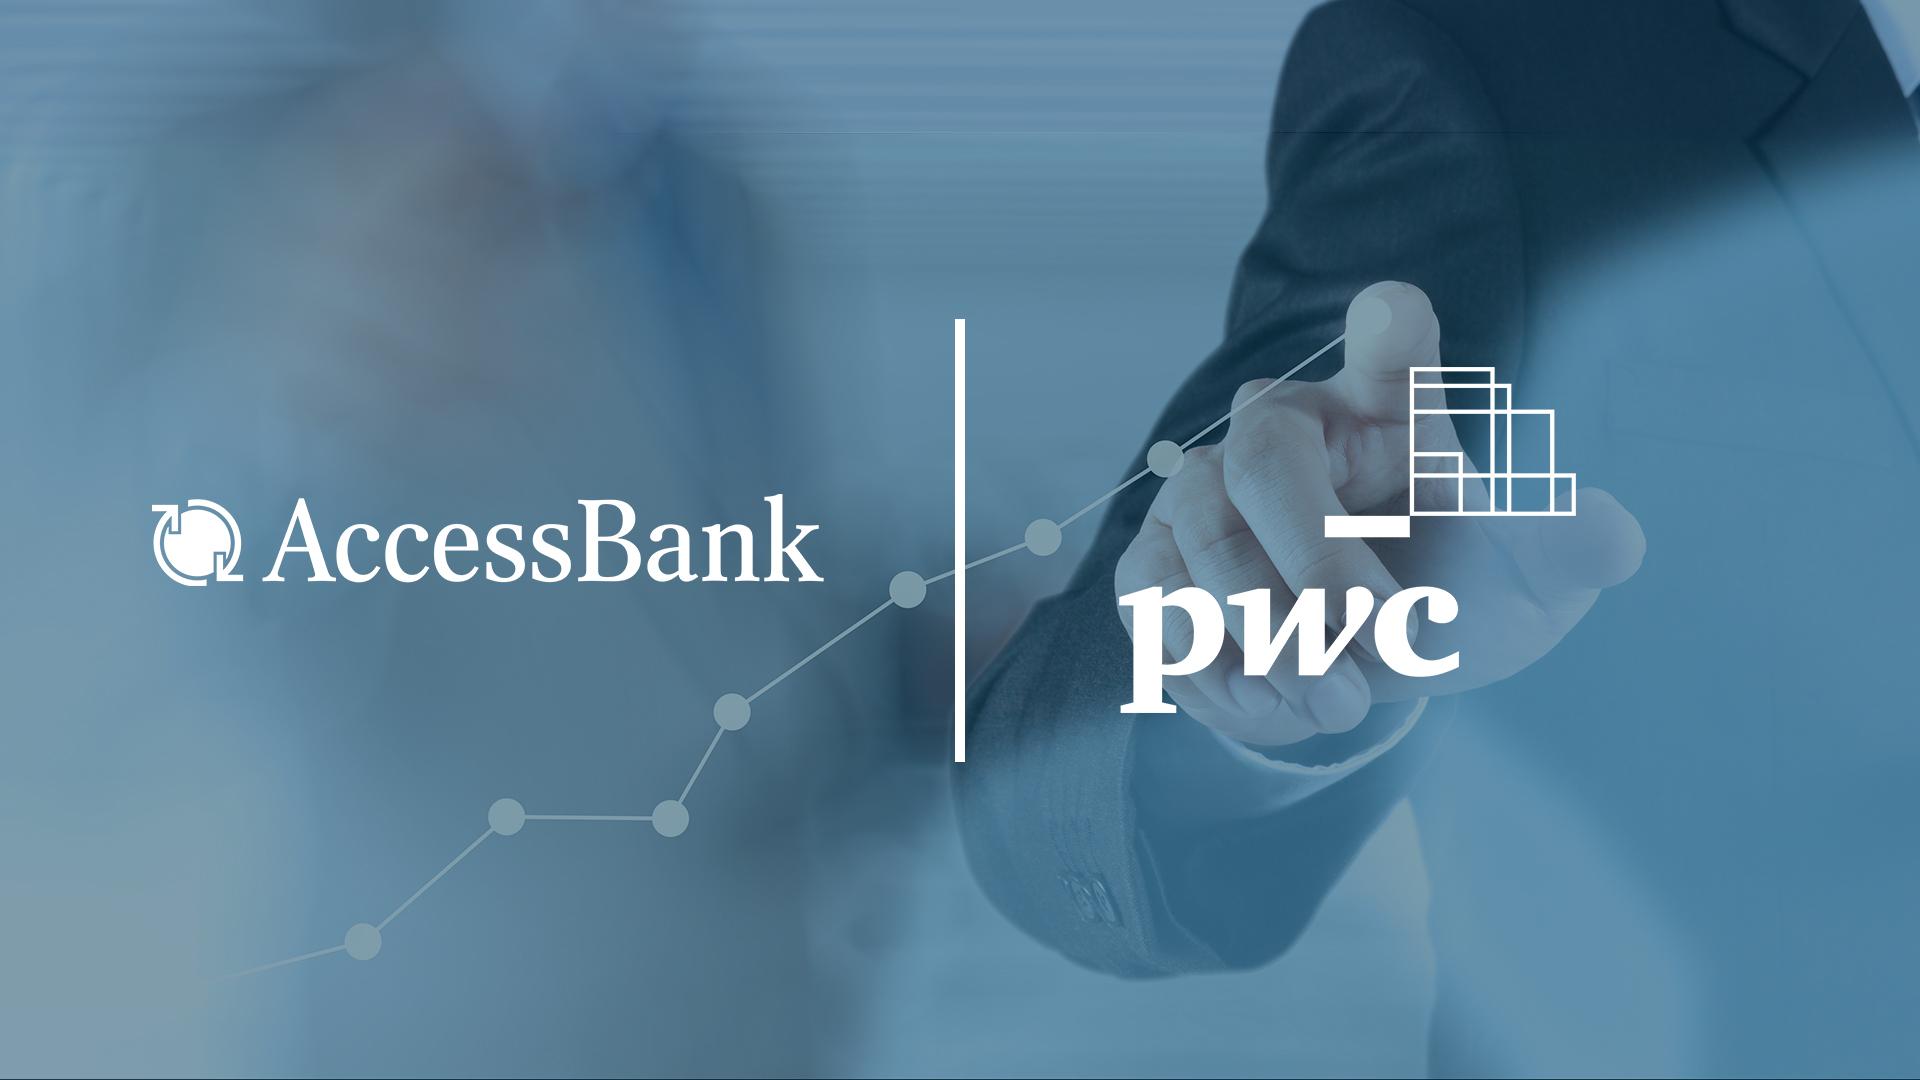 AccessBank опубликовал финансовый отчет за 2019 год, заверенный аудиторской компанией PricewaterhouseCoopers